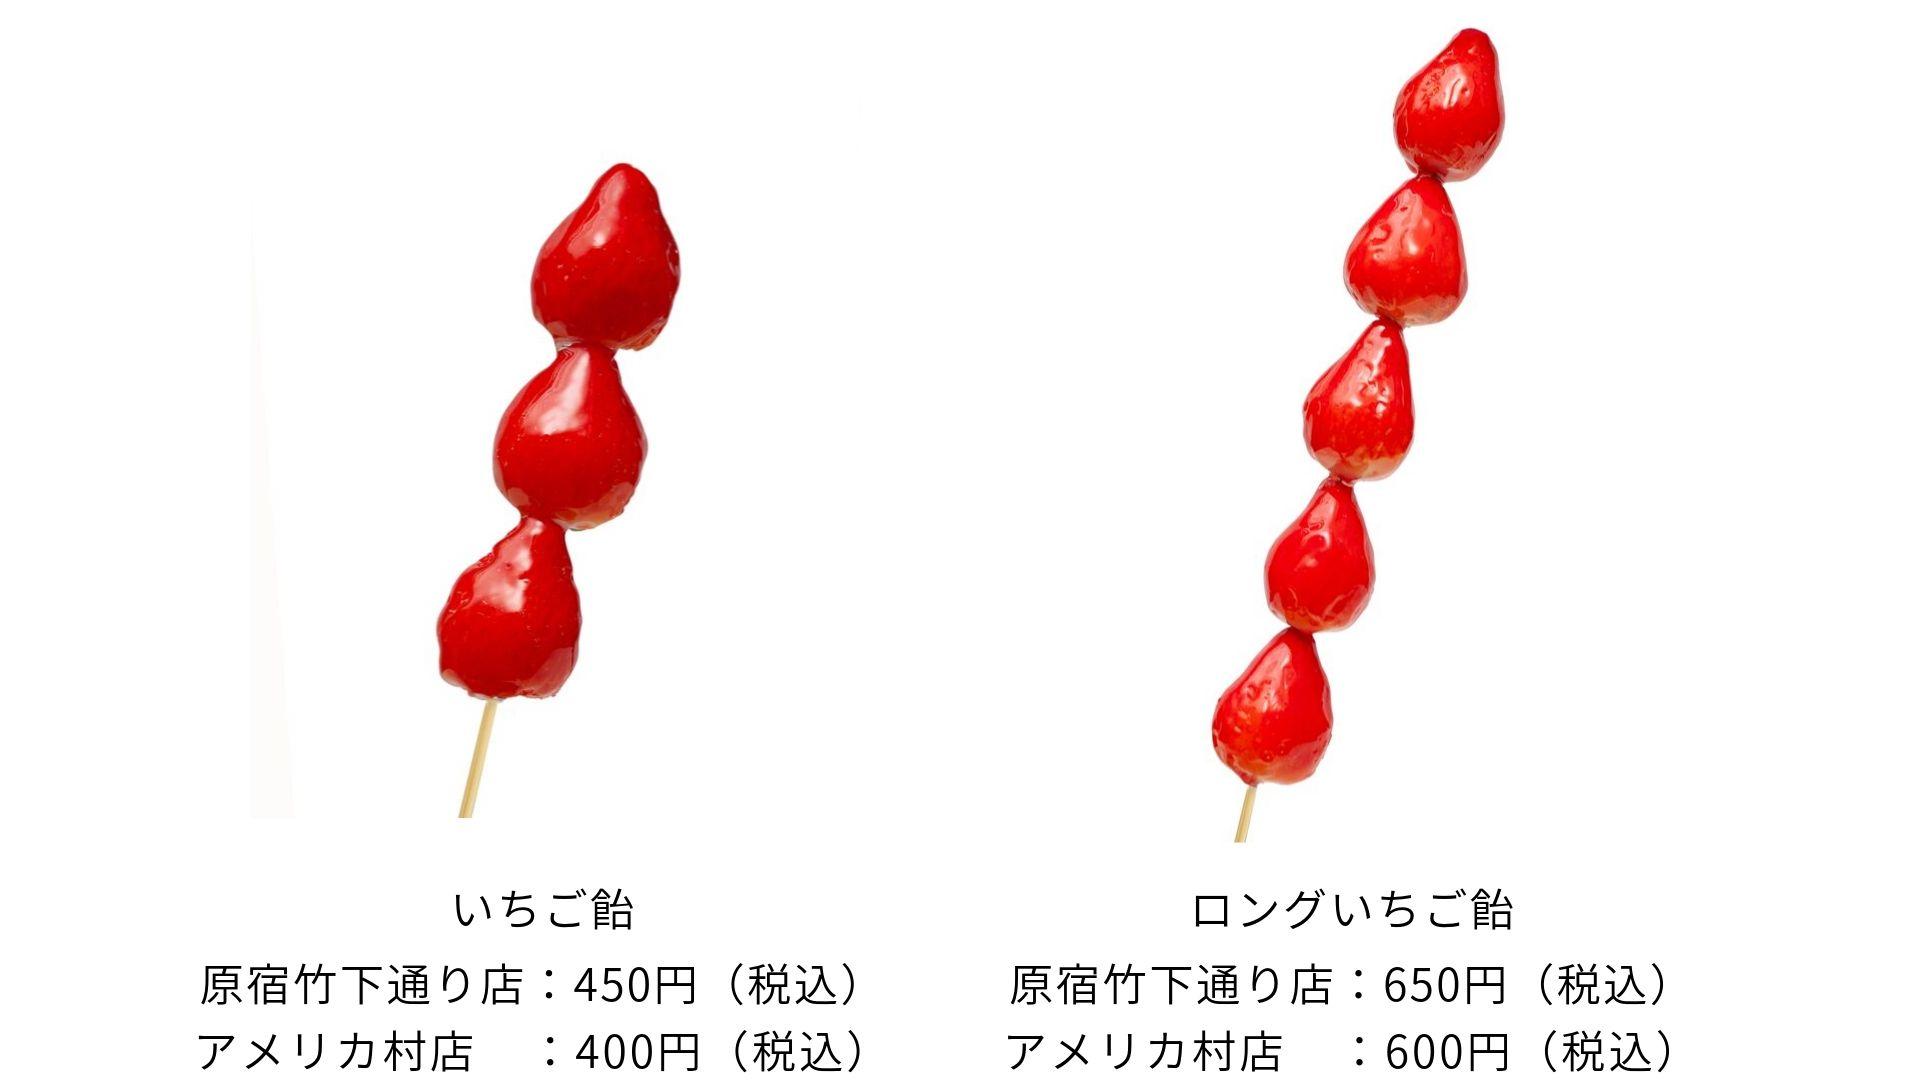 進化系いちご飴専門店「Strawberry Fetish(ストロベリーフェチ)」